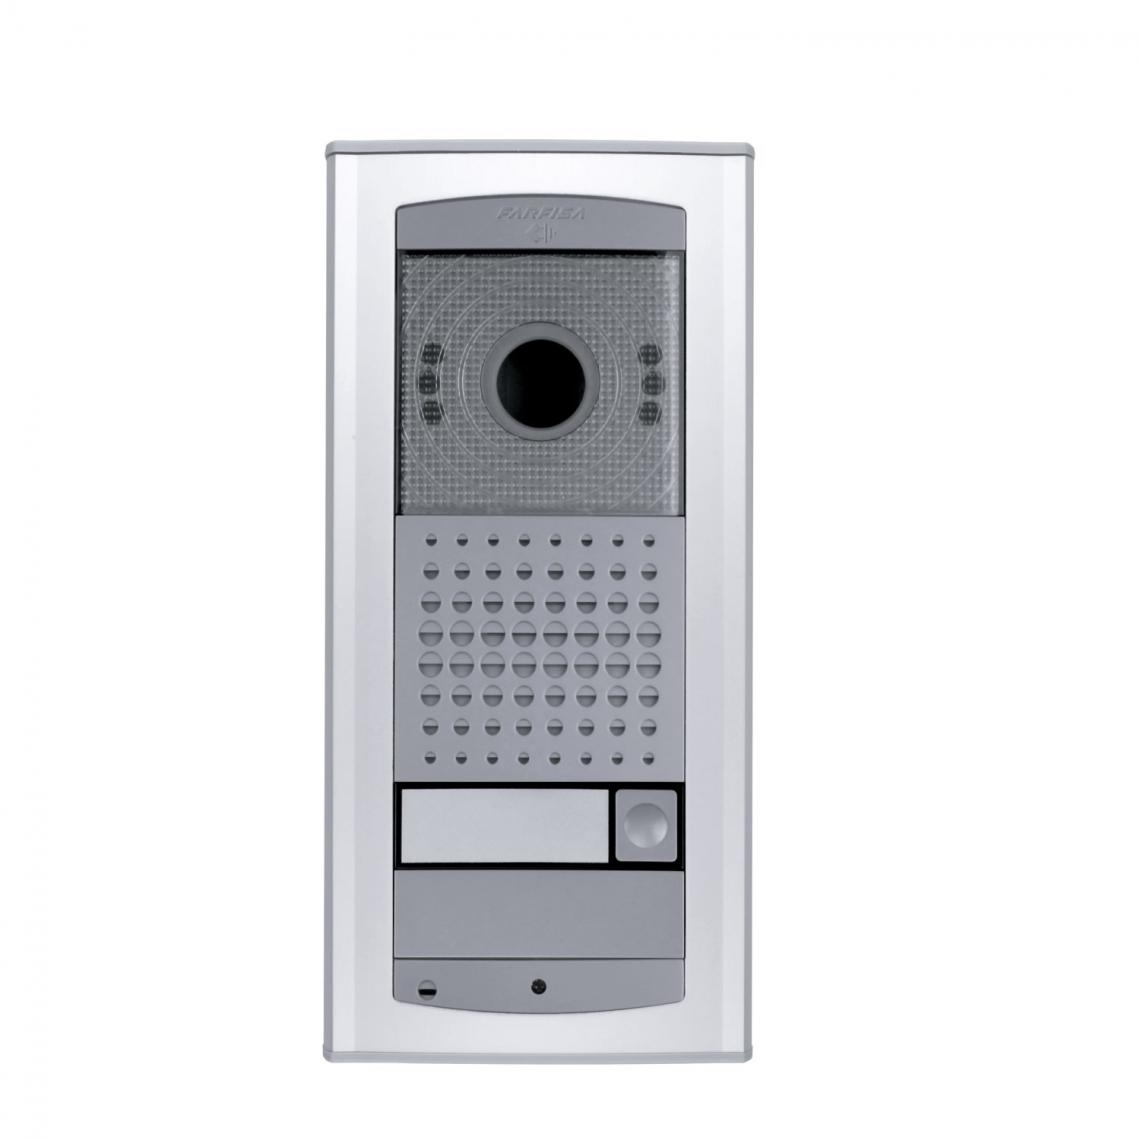 Posto esterno Agorà IP 1 pulsante - IPV11AGL